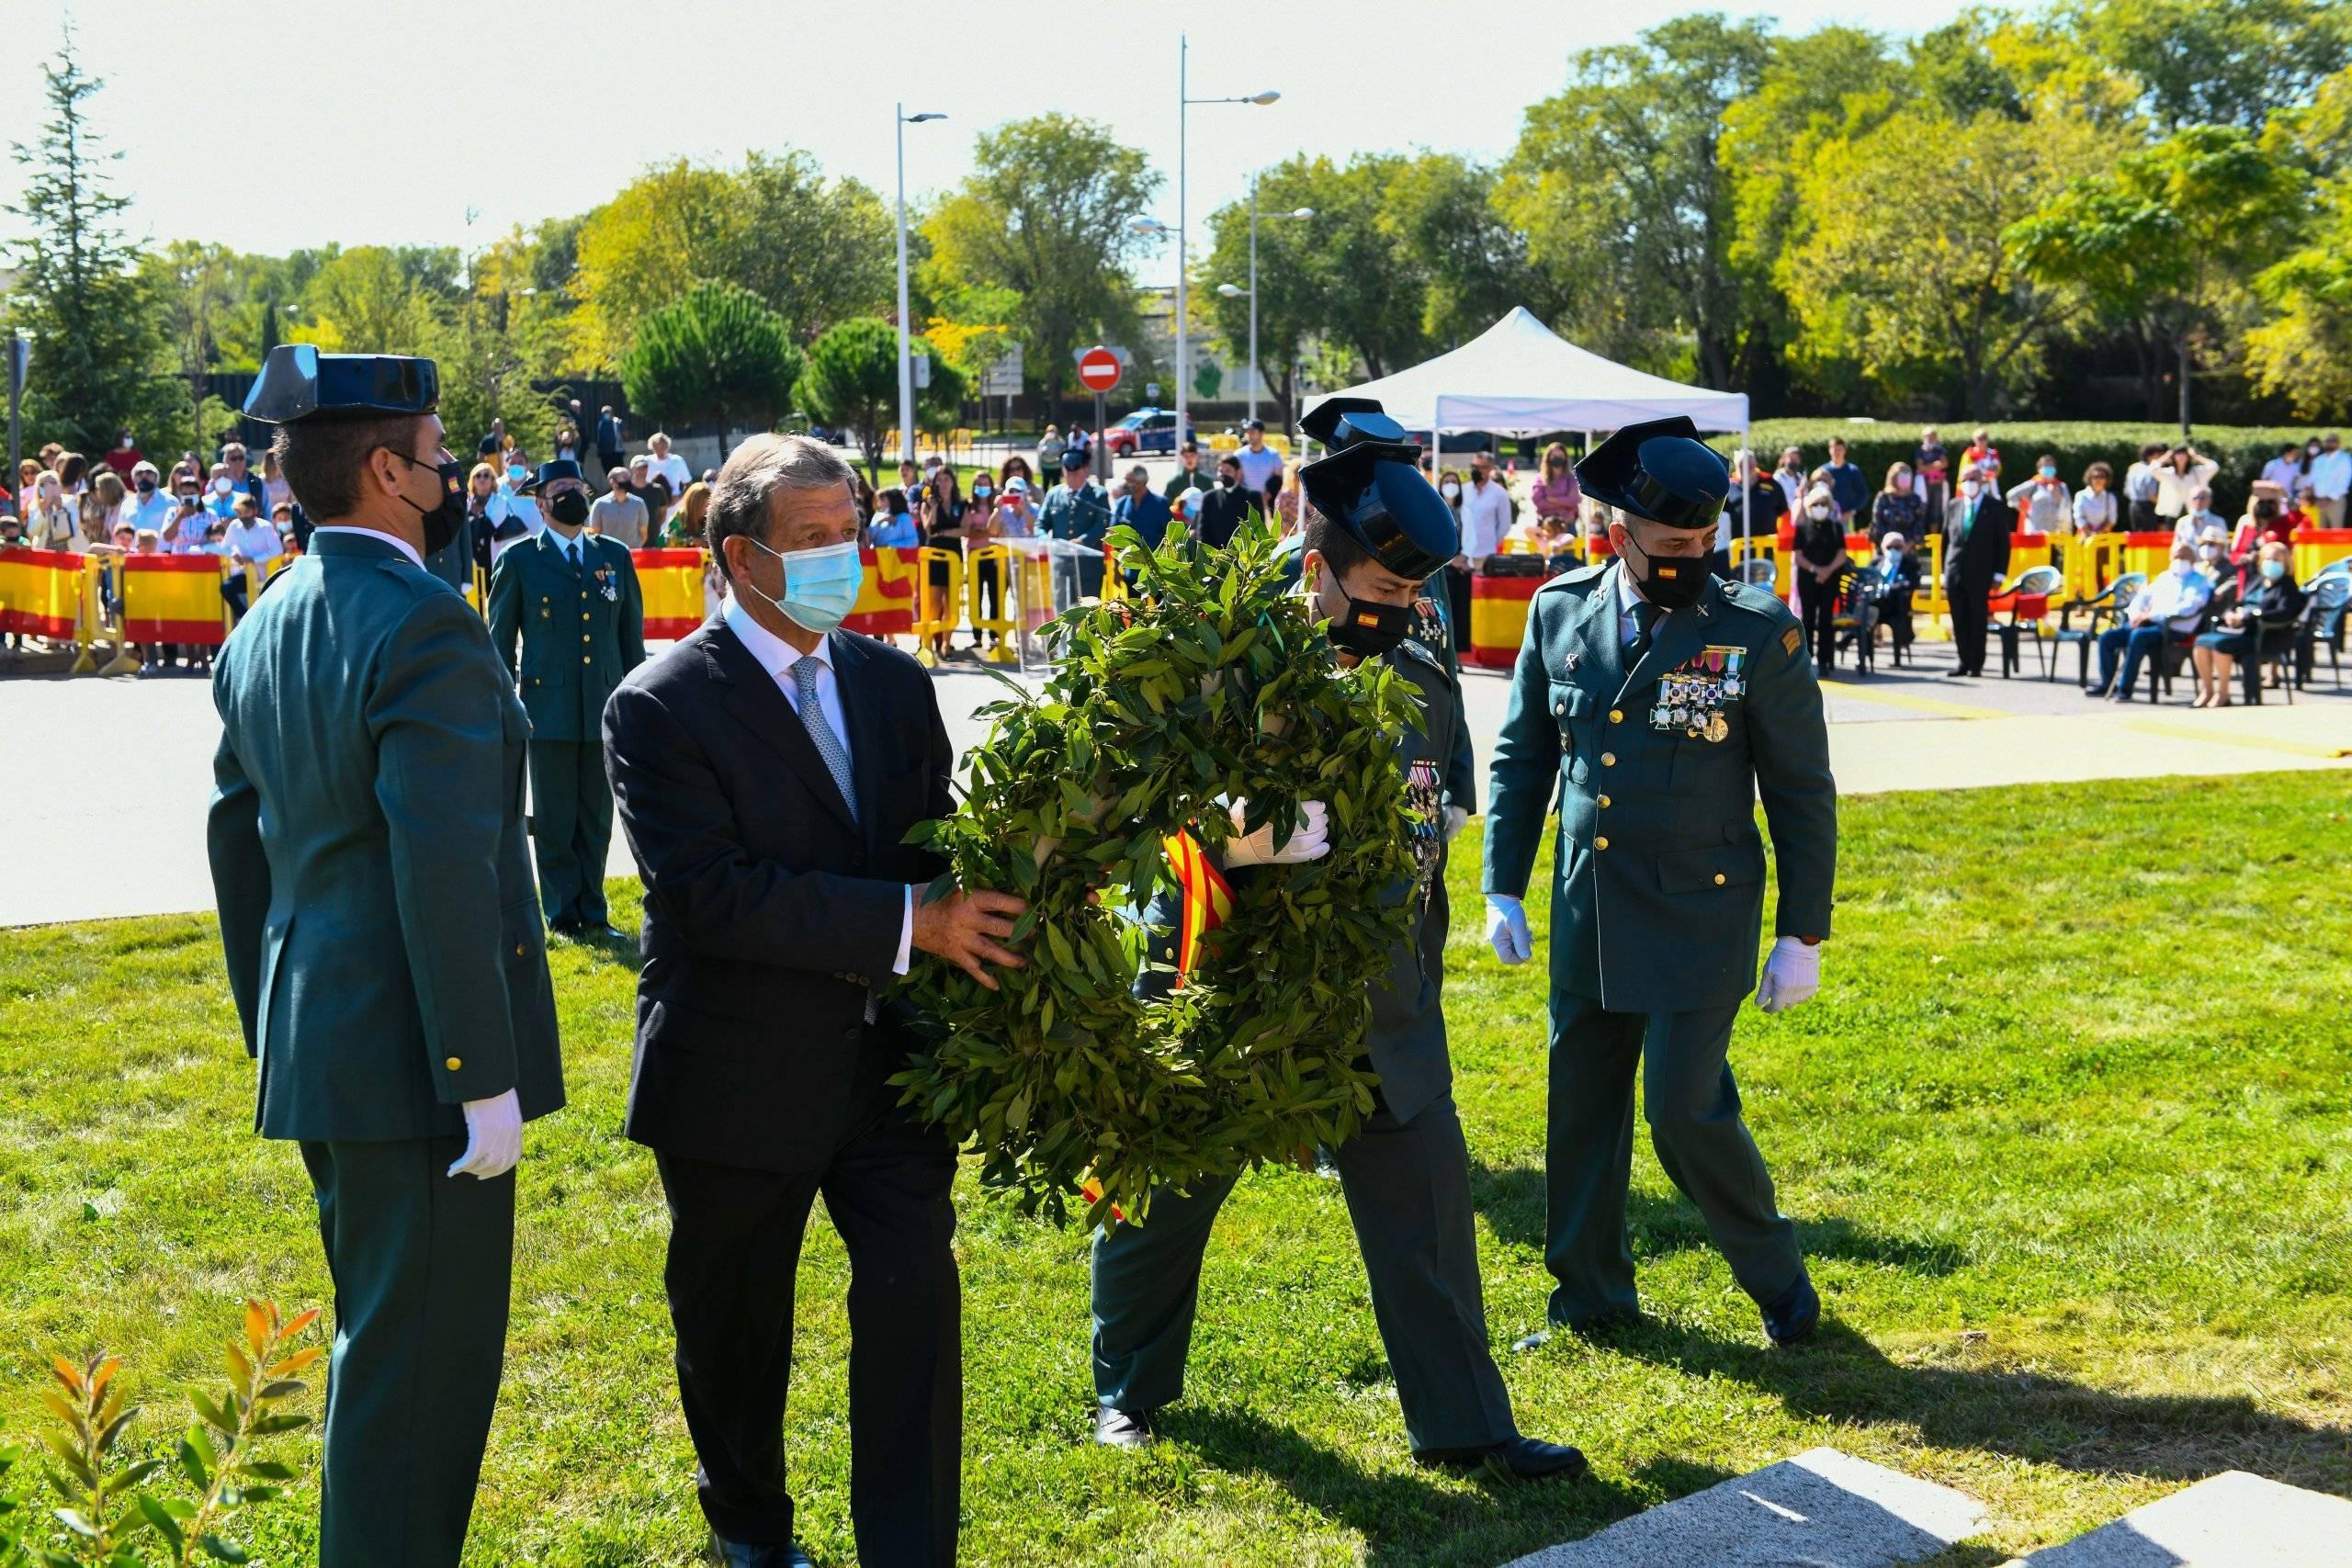 Momento de la ofrenda floral en homenaje a los caídos por España.